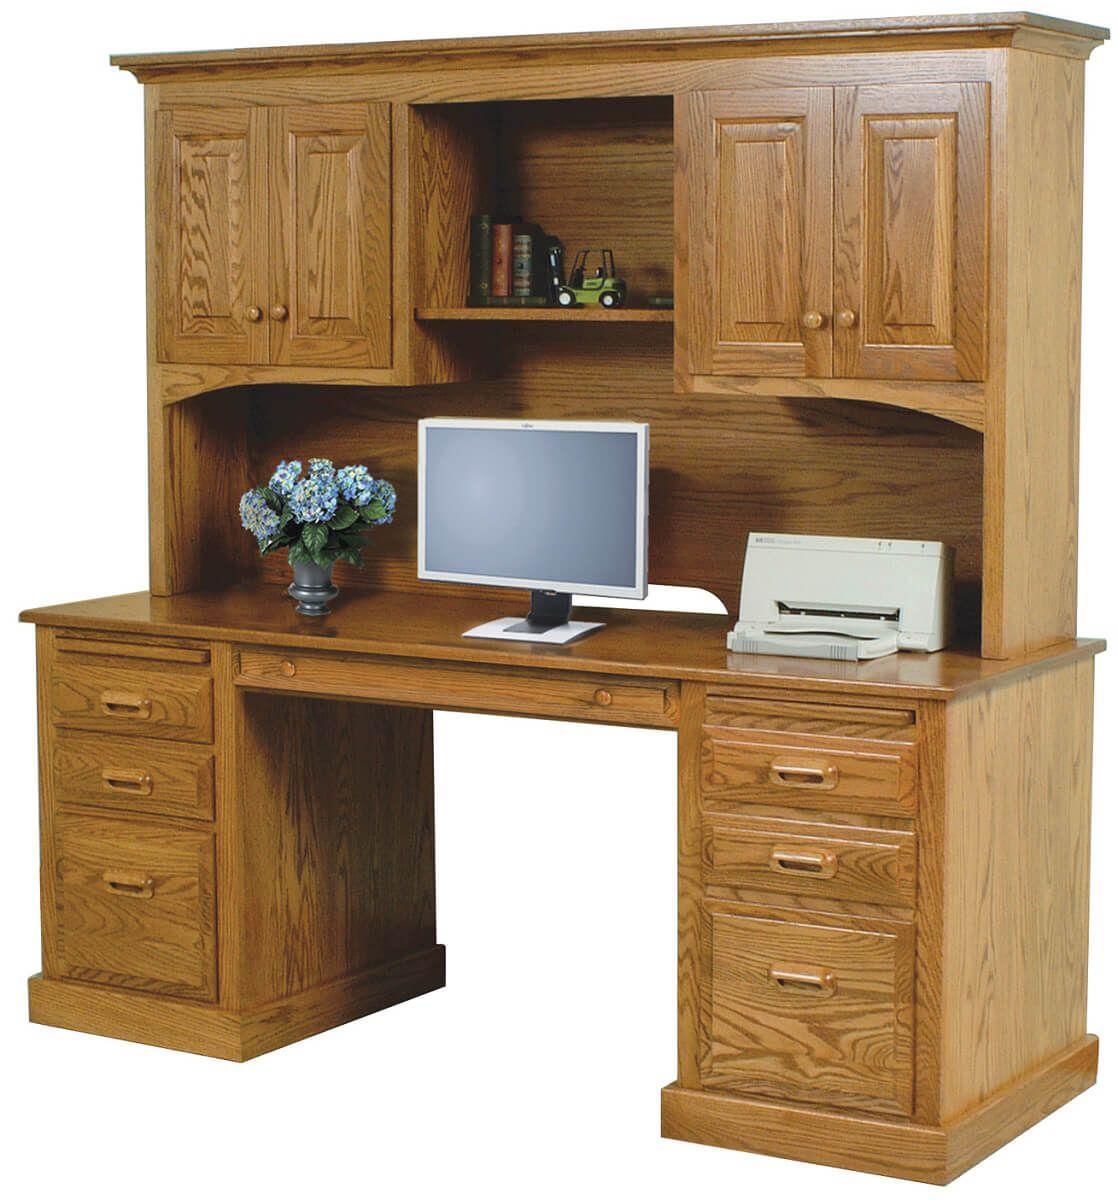 Webber Executive Computer Desk